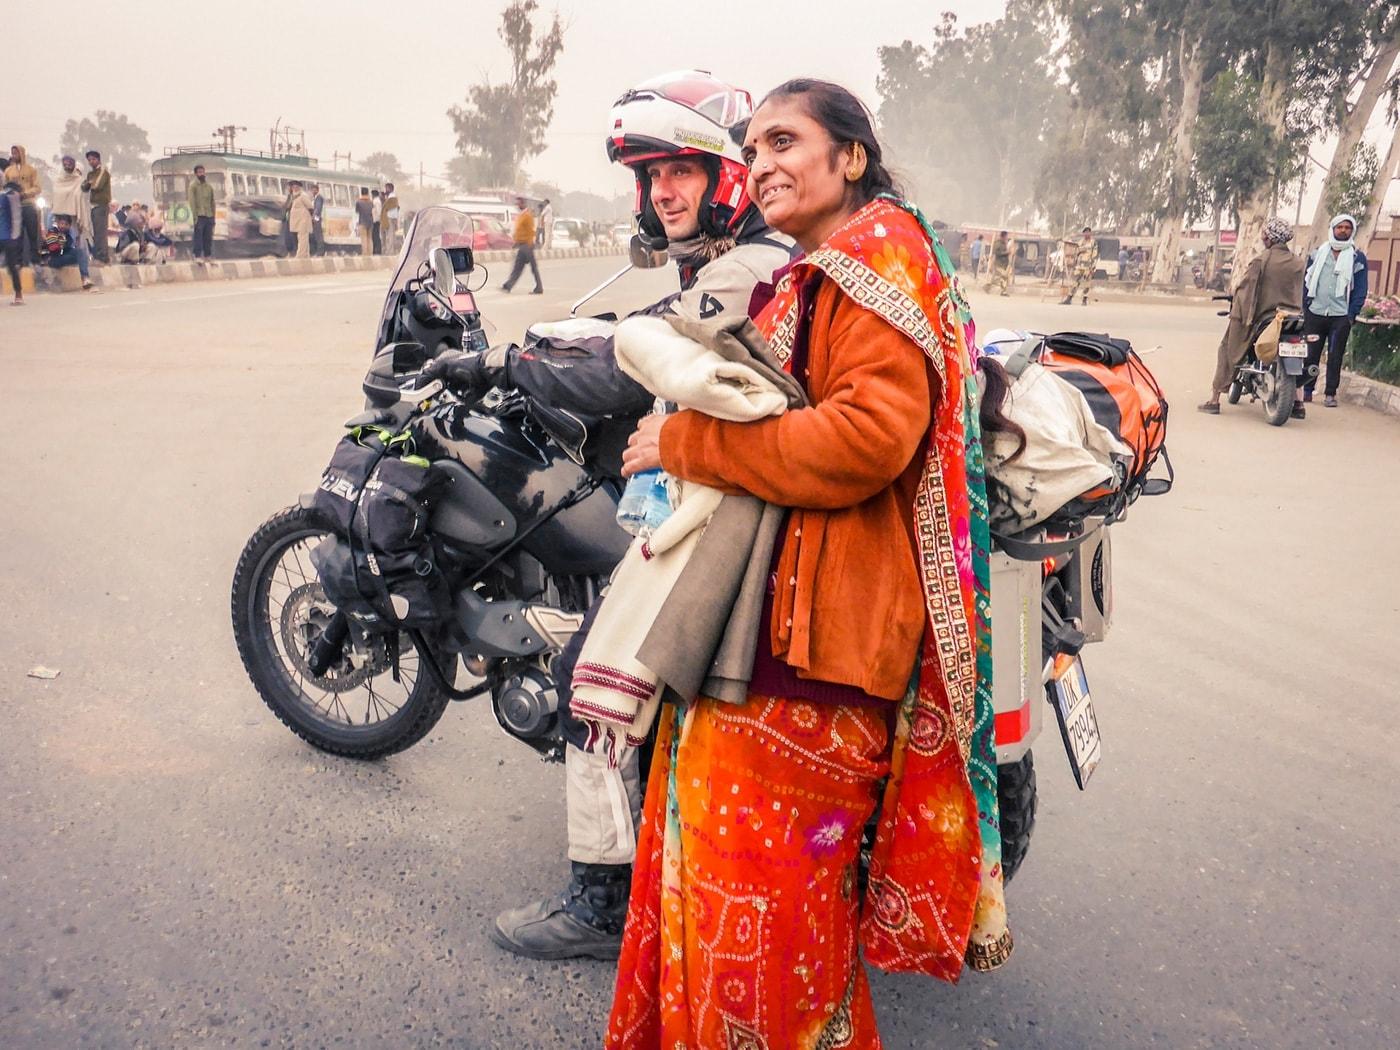 viaggio in india donna moto